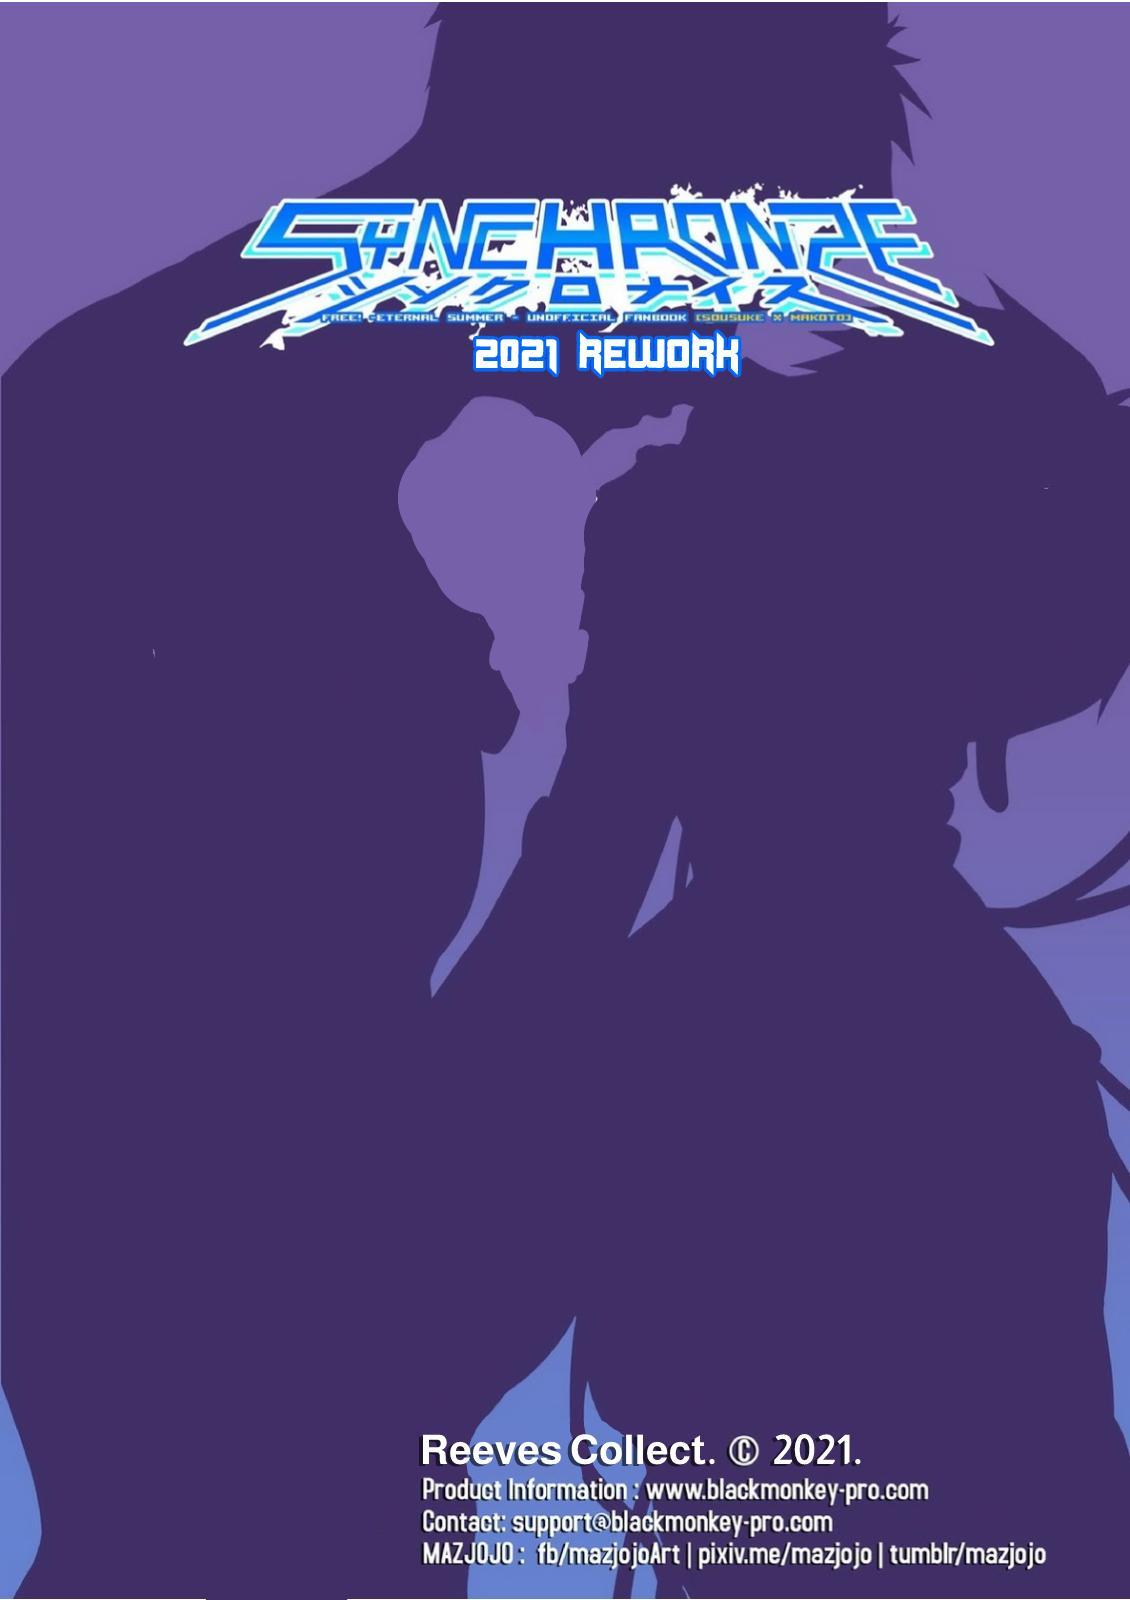 [Black Monkey (Mazjojo, Zamius)] Synchronize (2021 Rework) – Free! Dive to the Future dj [Eng] 31